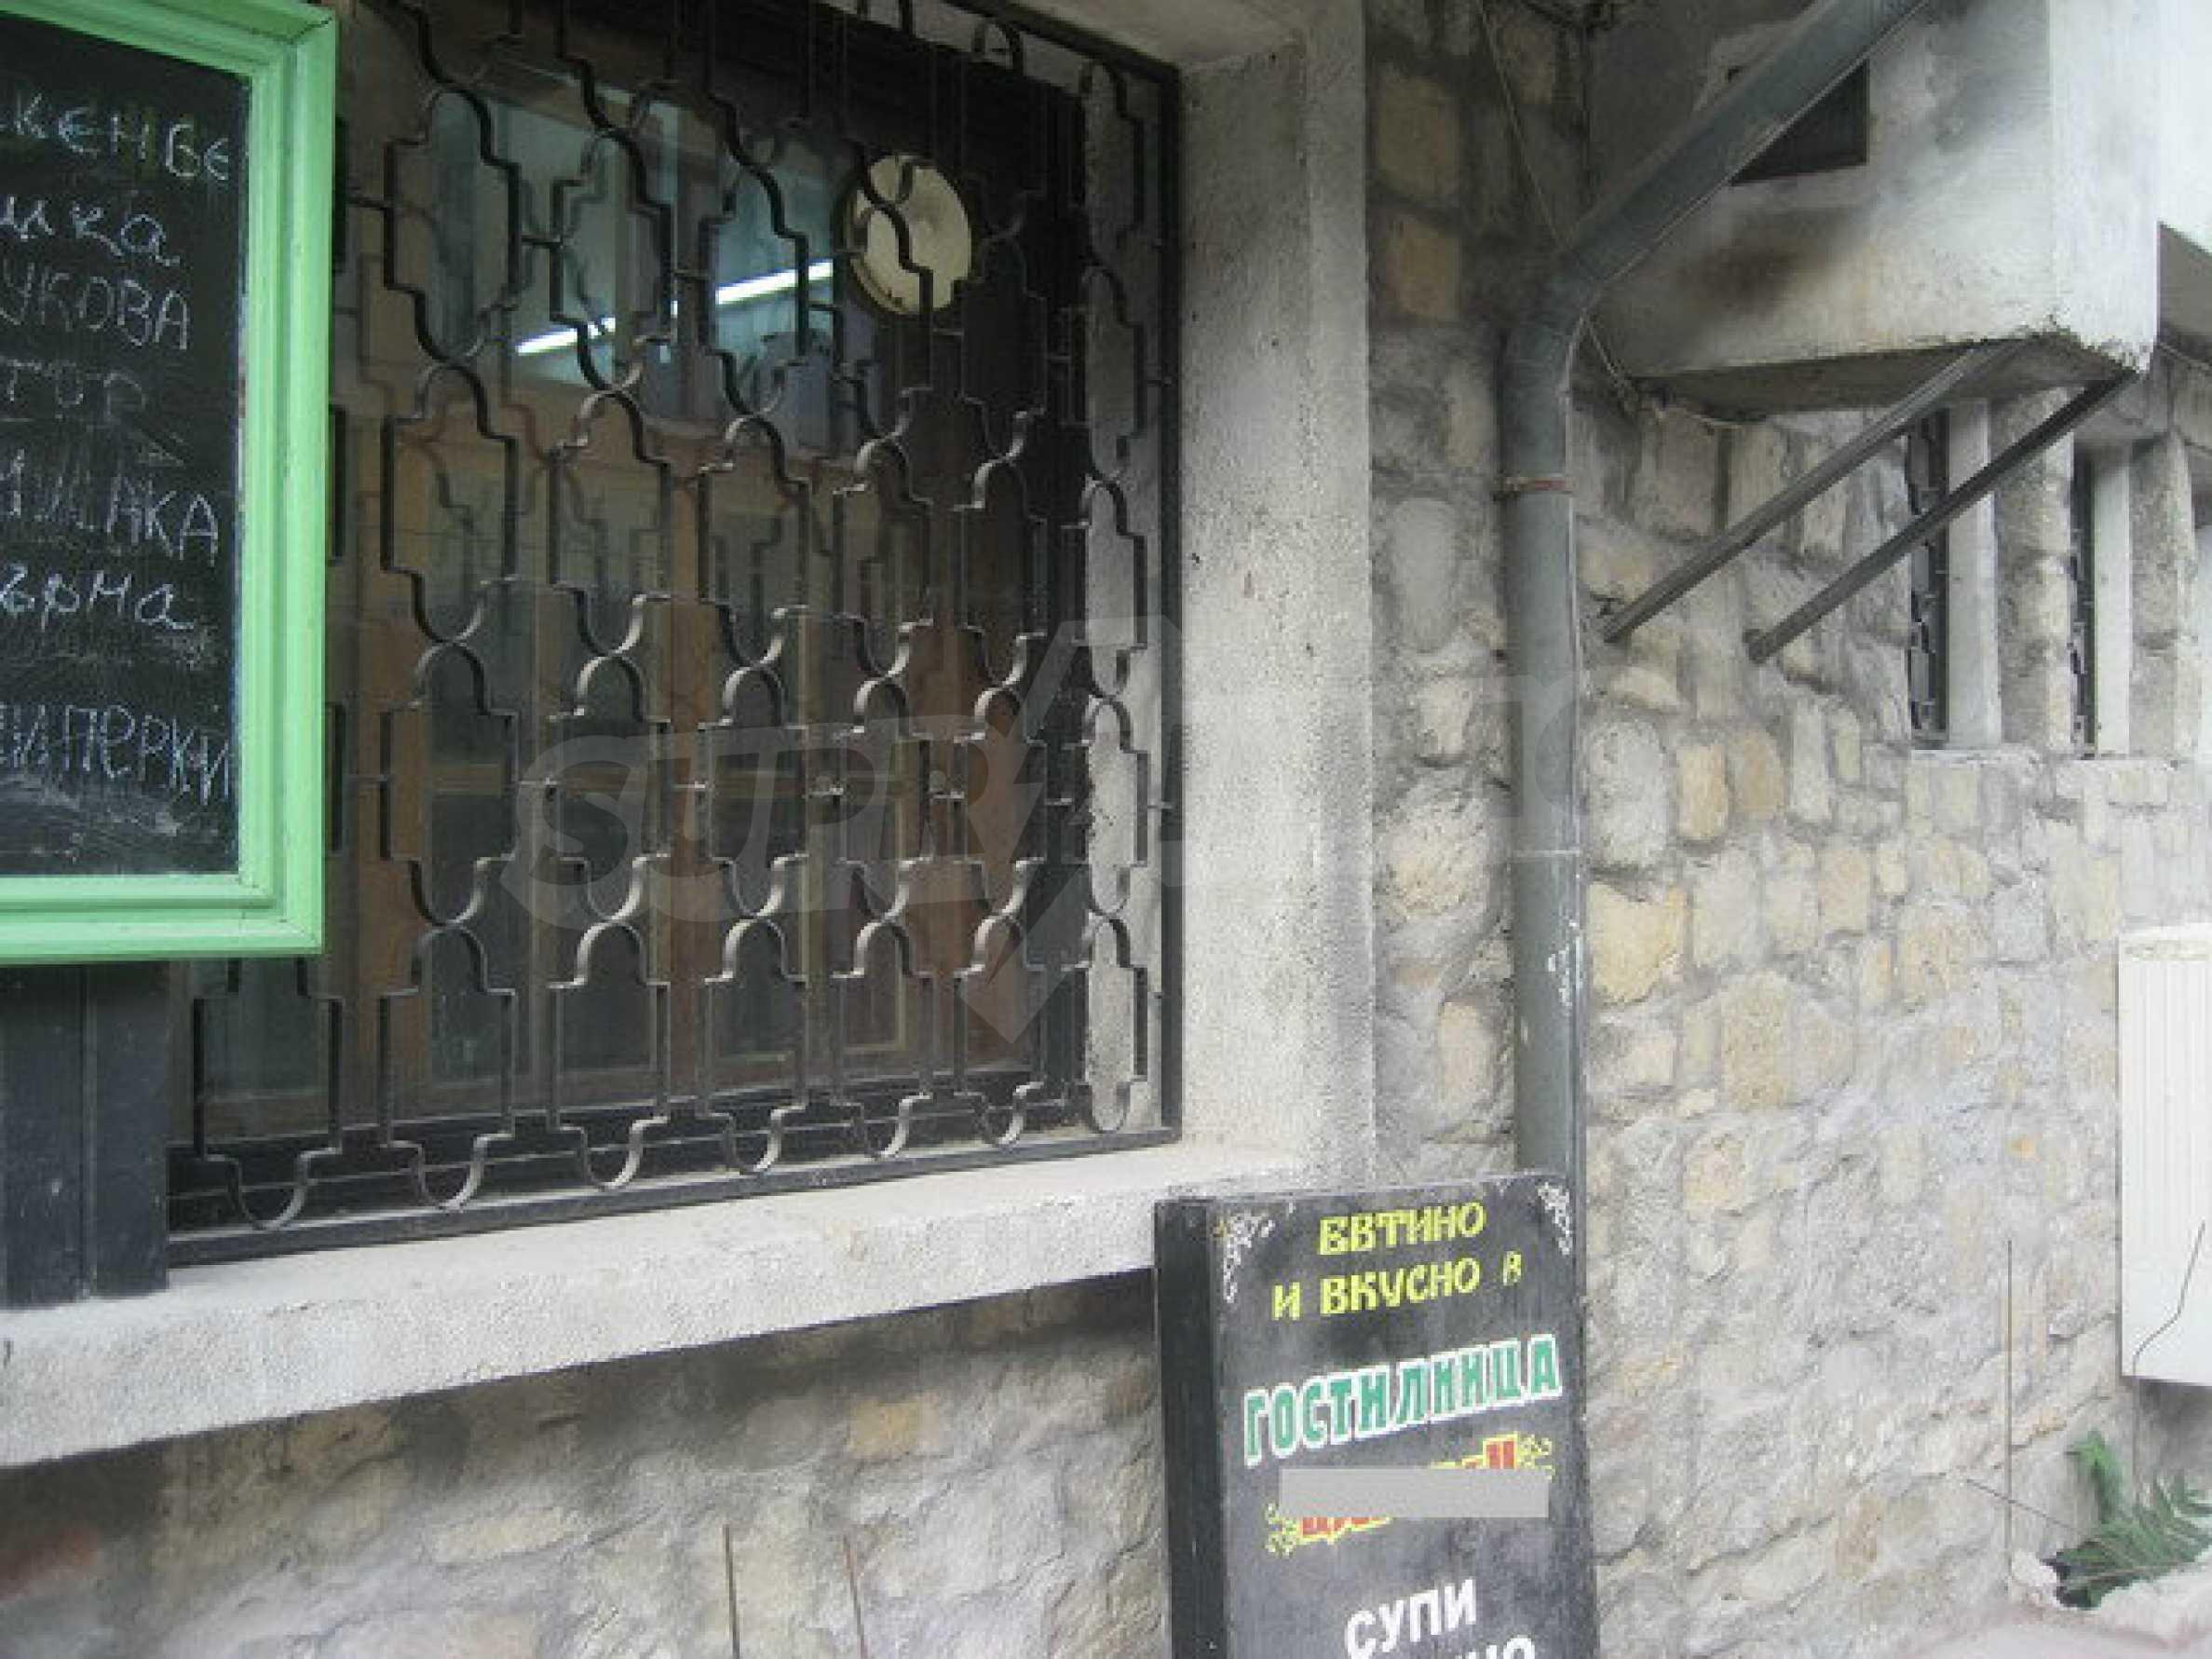 Funktionierendes Gasthaus / Taverne Meter vom Zaren-Assen-I-Platz in der alten Hauptstadt entfernt 19